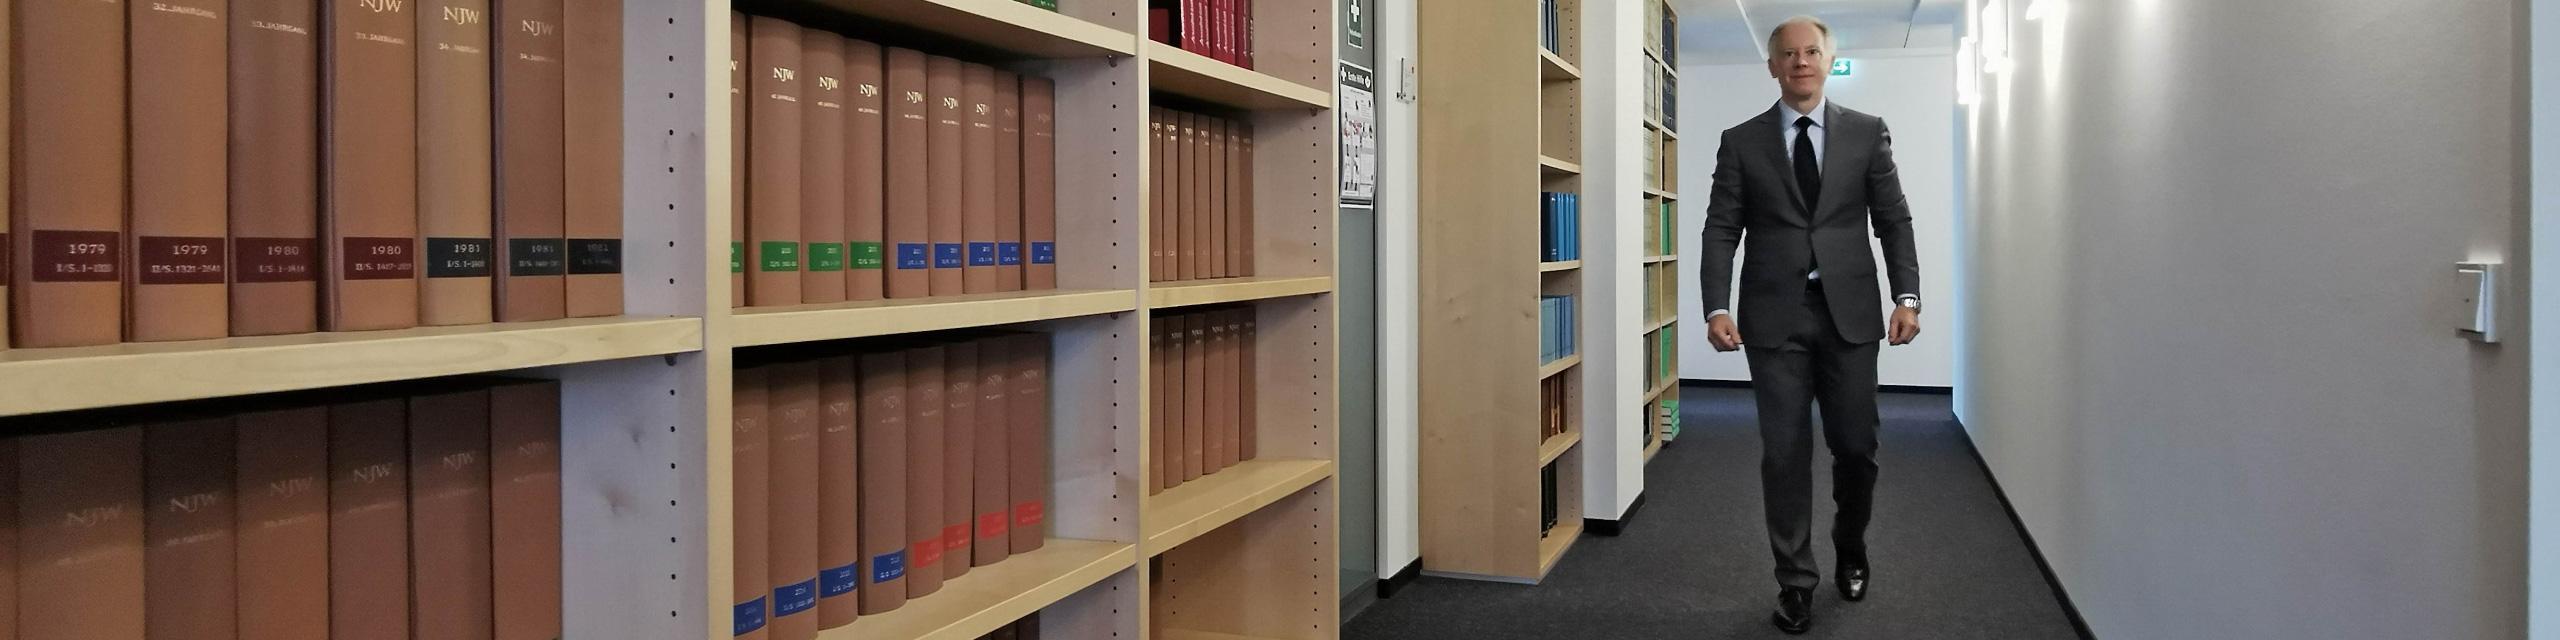 Rechtsanwaltskanzlei - Rechtsanwalt und Notar für Verwaltungsrecht in Frankfurt - Prof. Pützenbacher